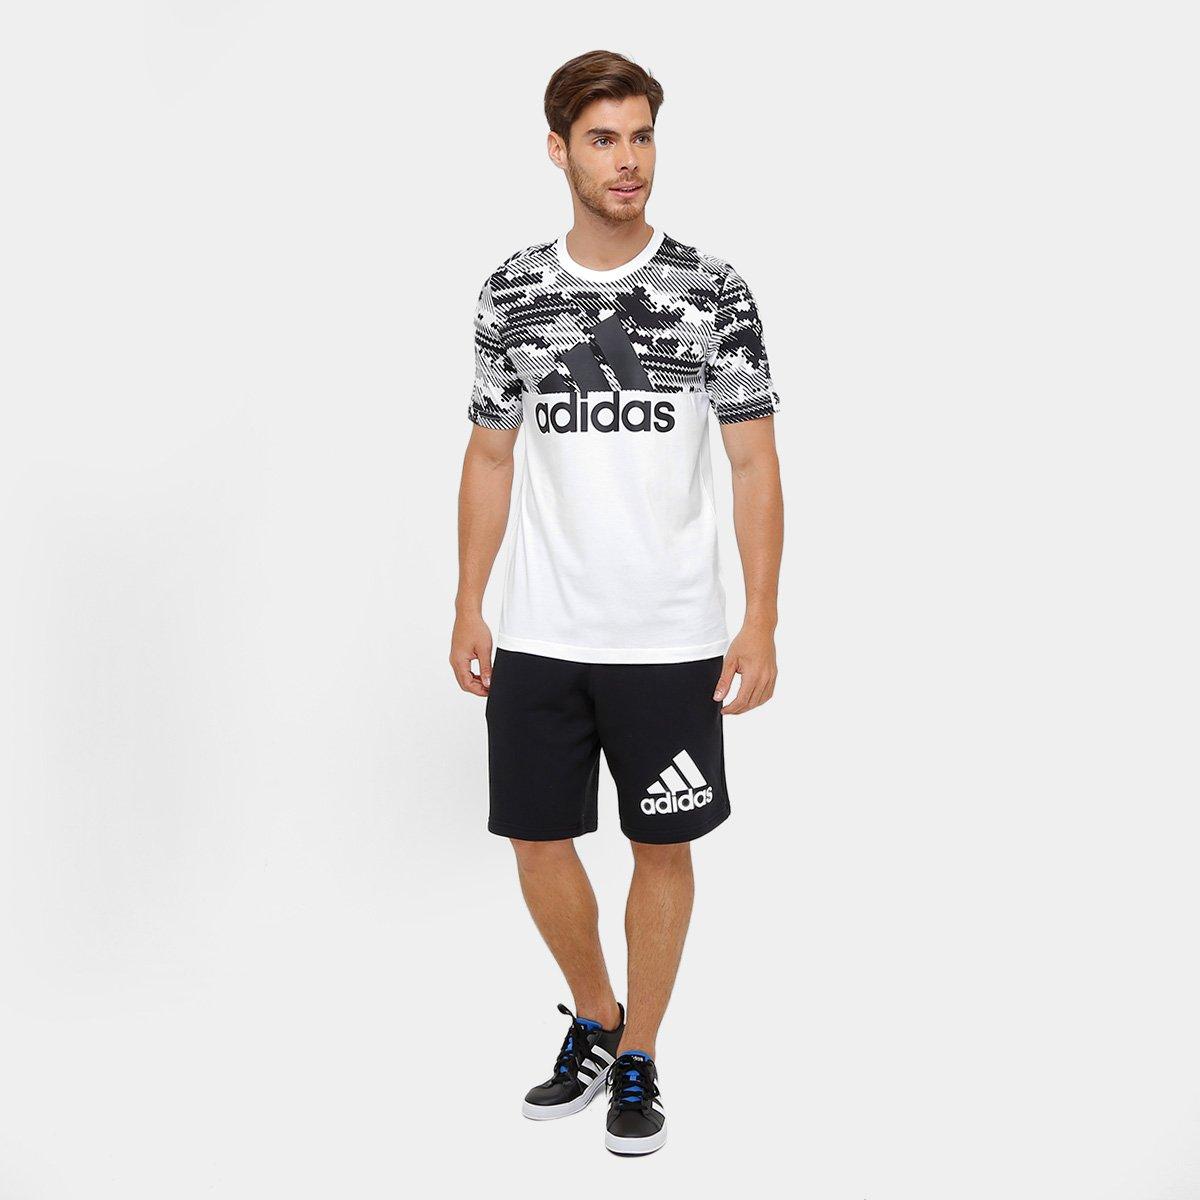 c651fee497 Camiseta Adidas Mc Ess Aop Masculina - Compre Agora